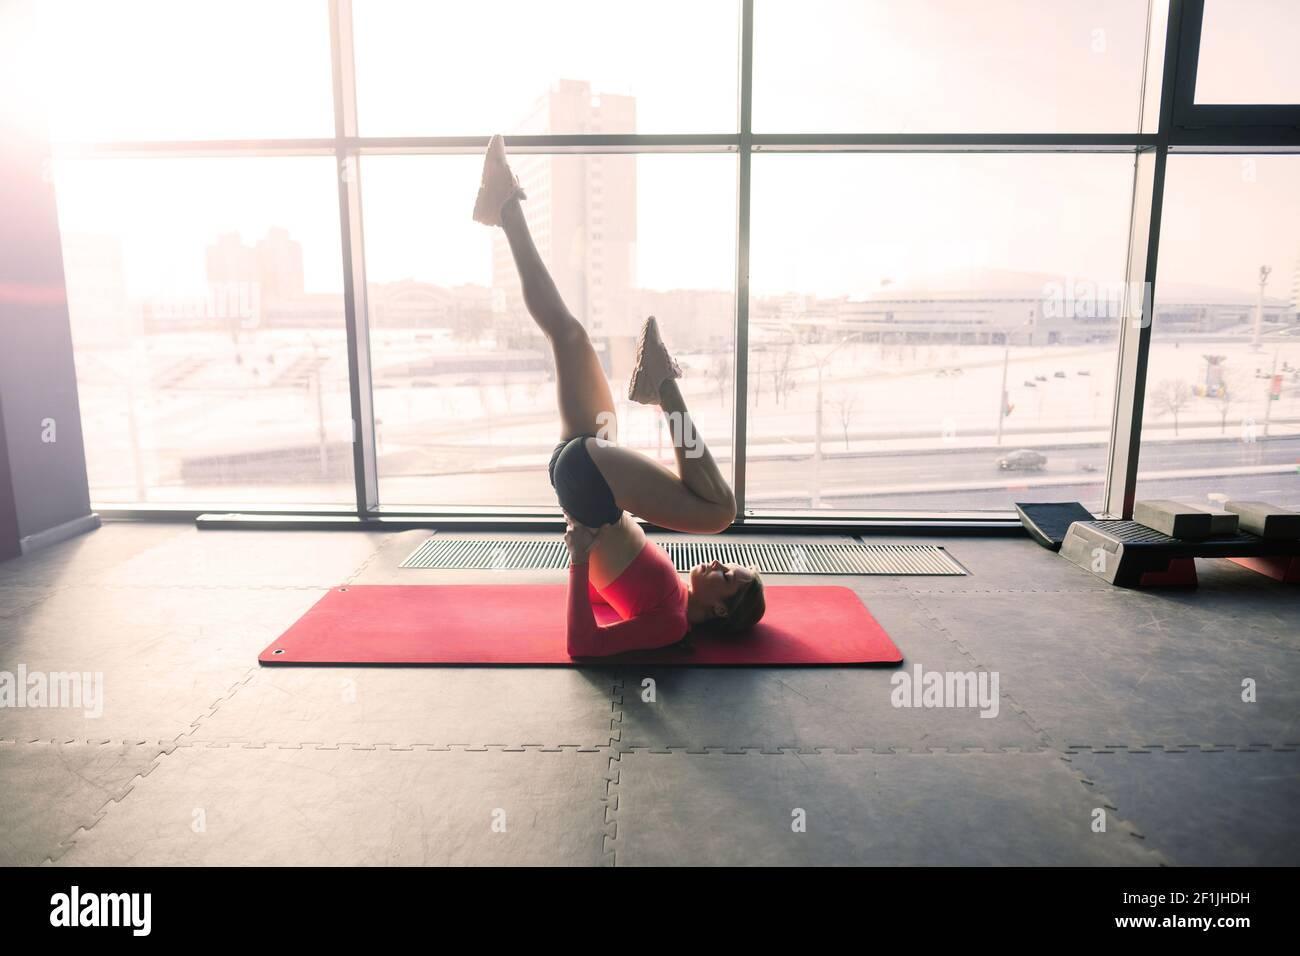 Femme pratiquant le yoga avancé sur un tapis contre une grande fenêtre Banque D'Images